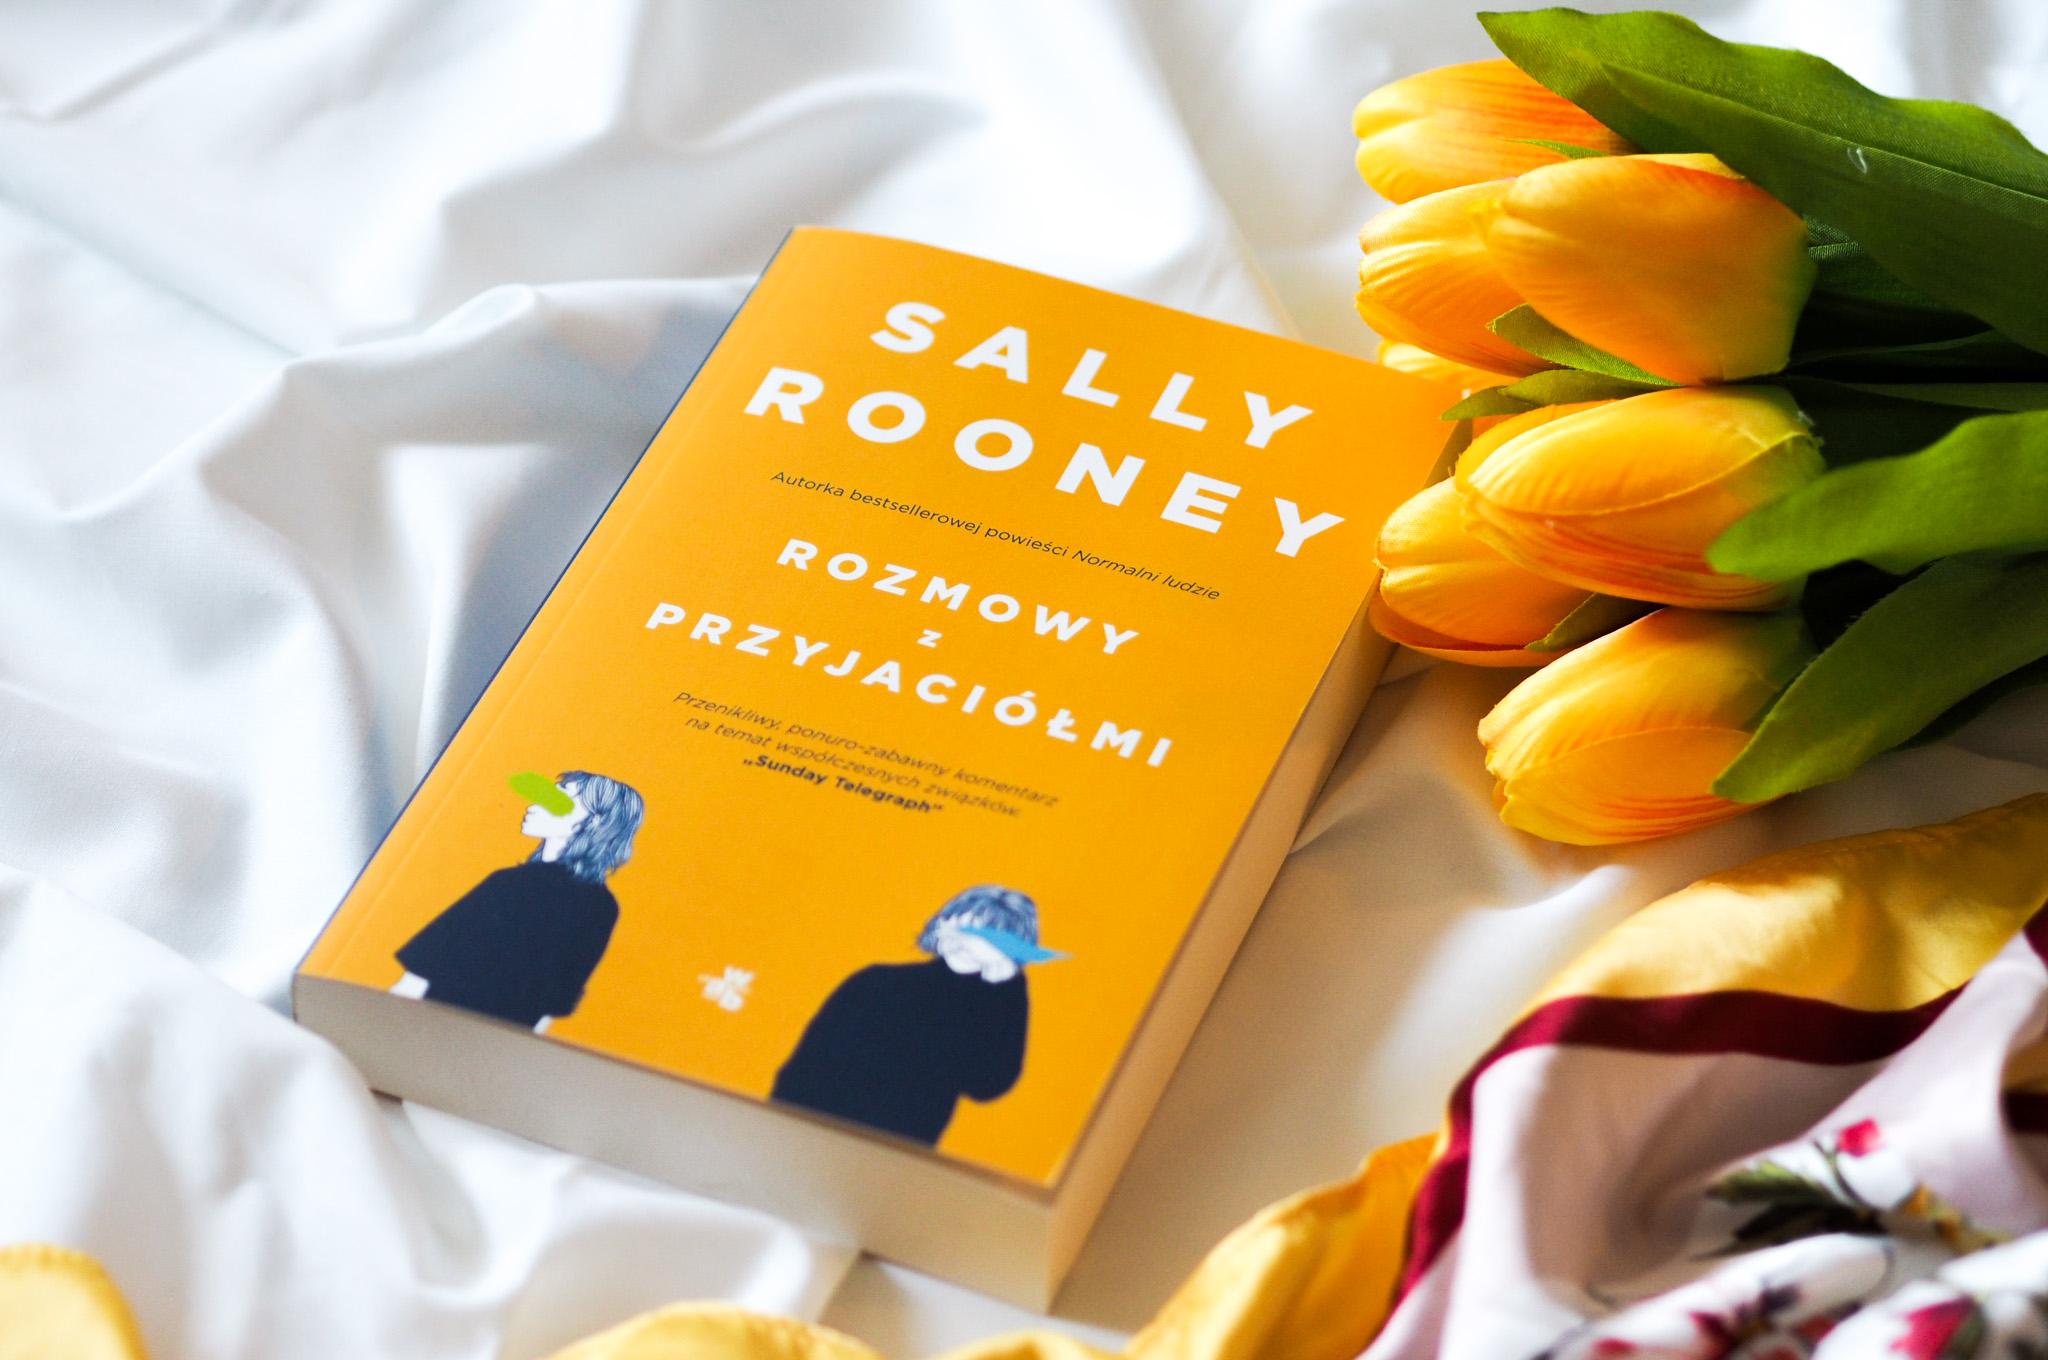 """SALLY ROONEY """"ROZMOWY Z PRZYJACIÓŁMI"""""""